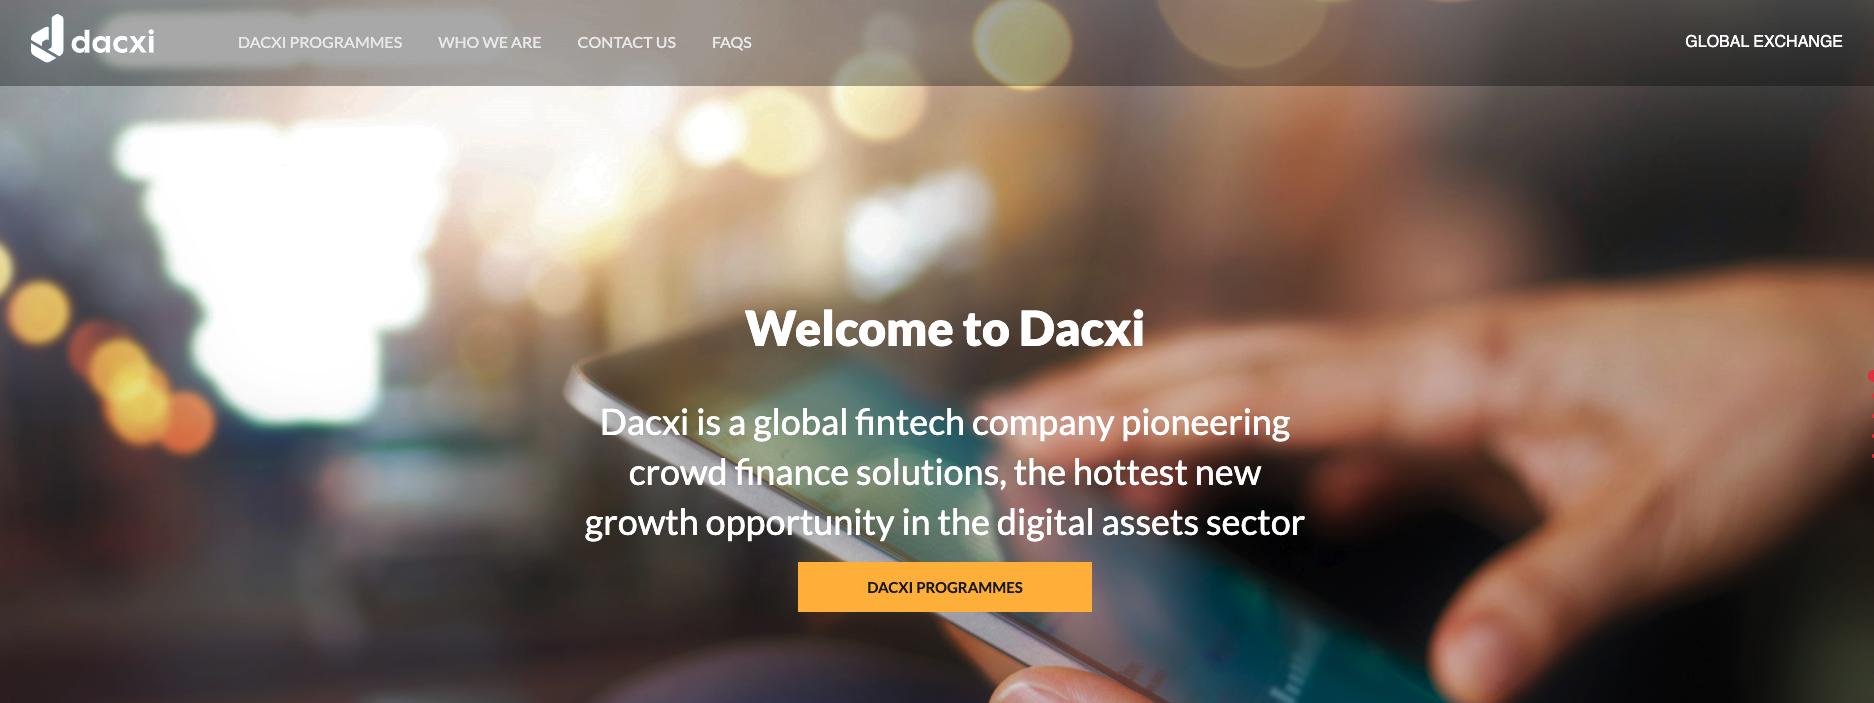 Dacxi Review – Is Dacxi.com Scam or Legit MLM? [Explained]